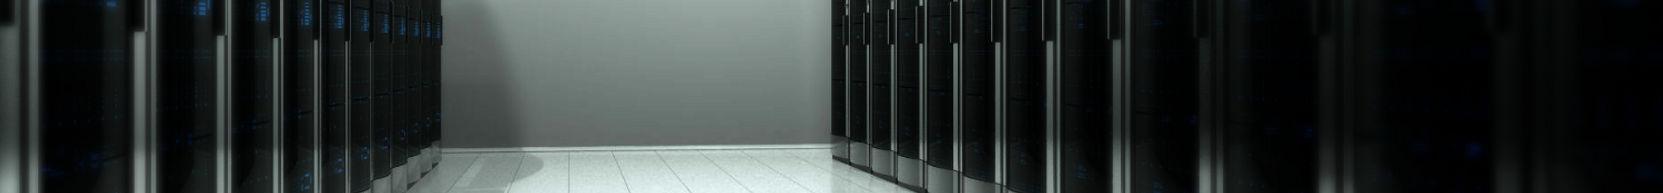 Serviços de TI para micro, pequena e media em empresa